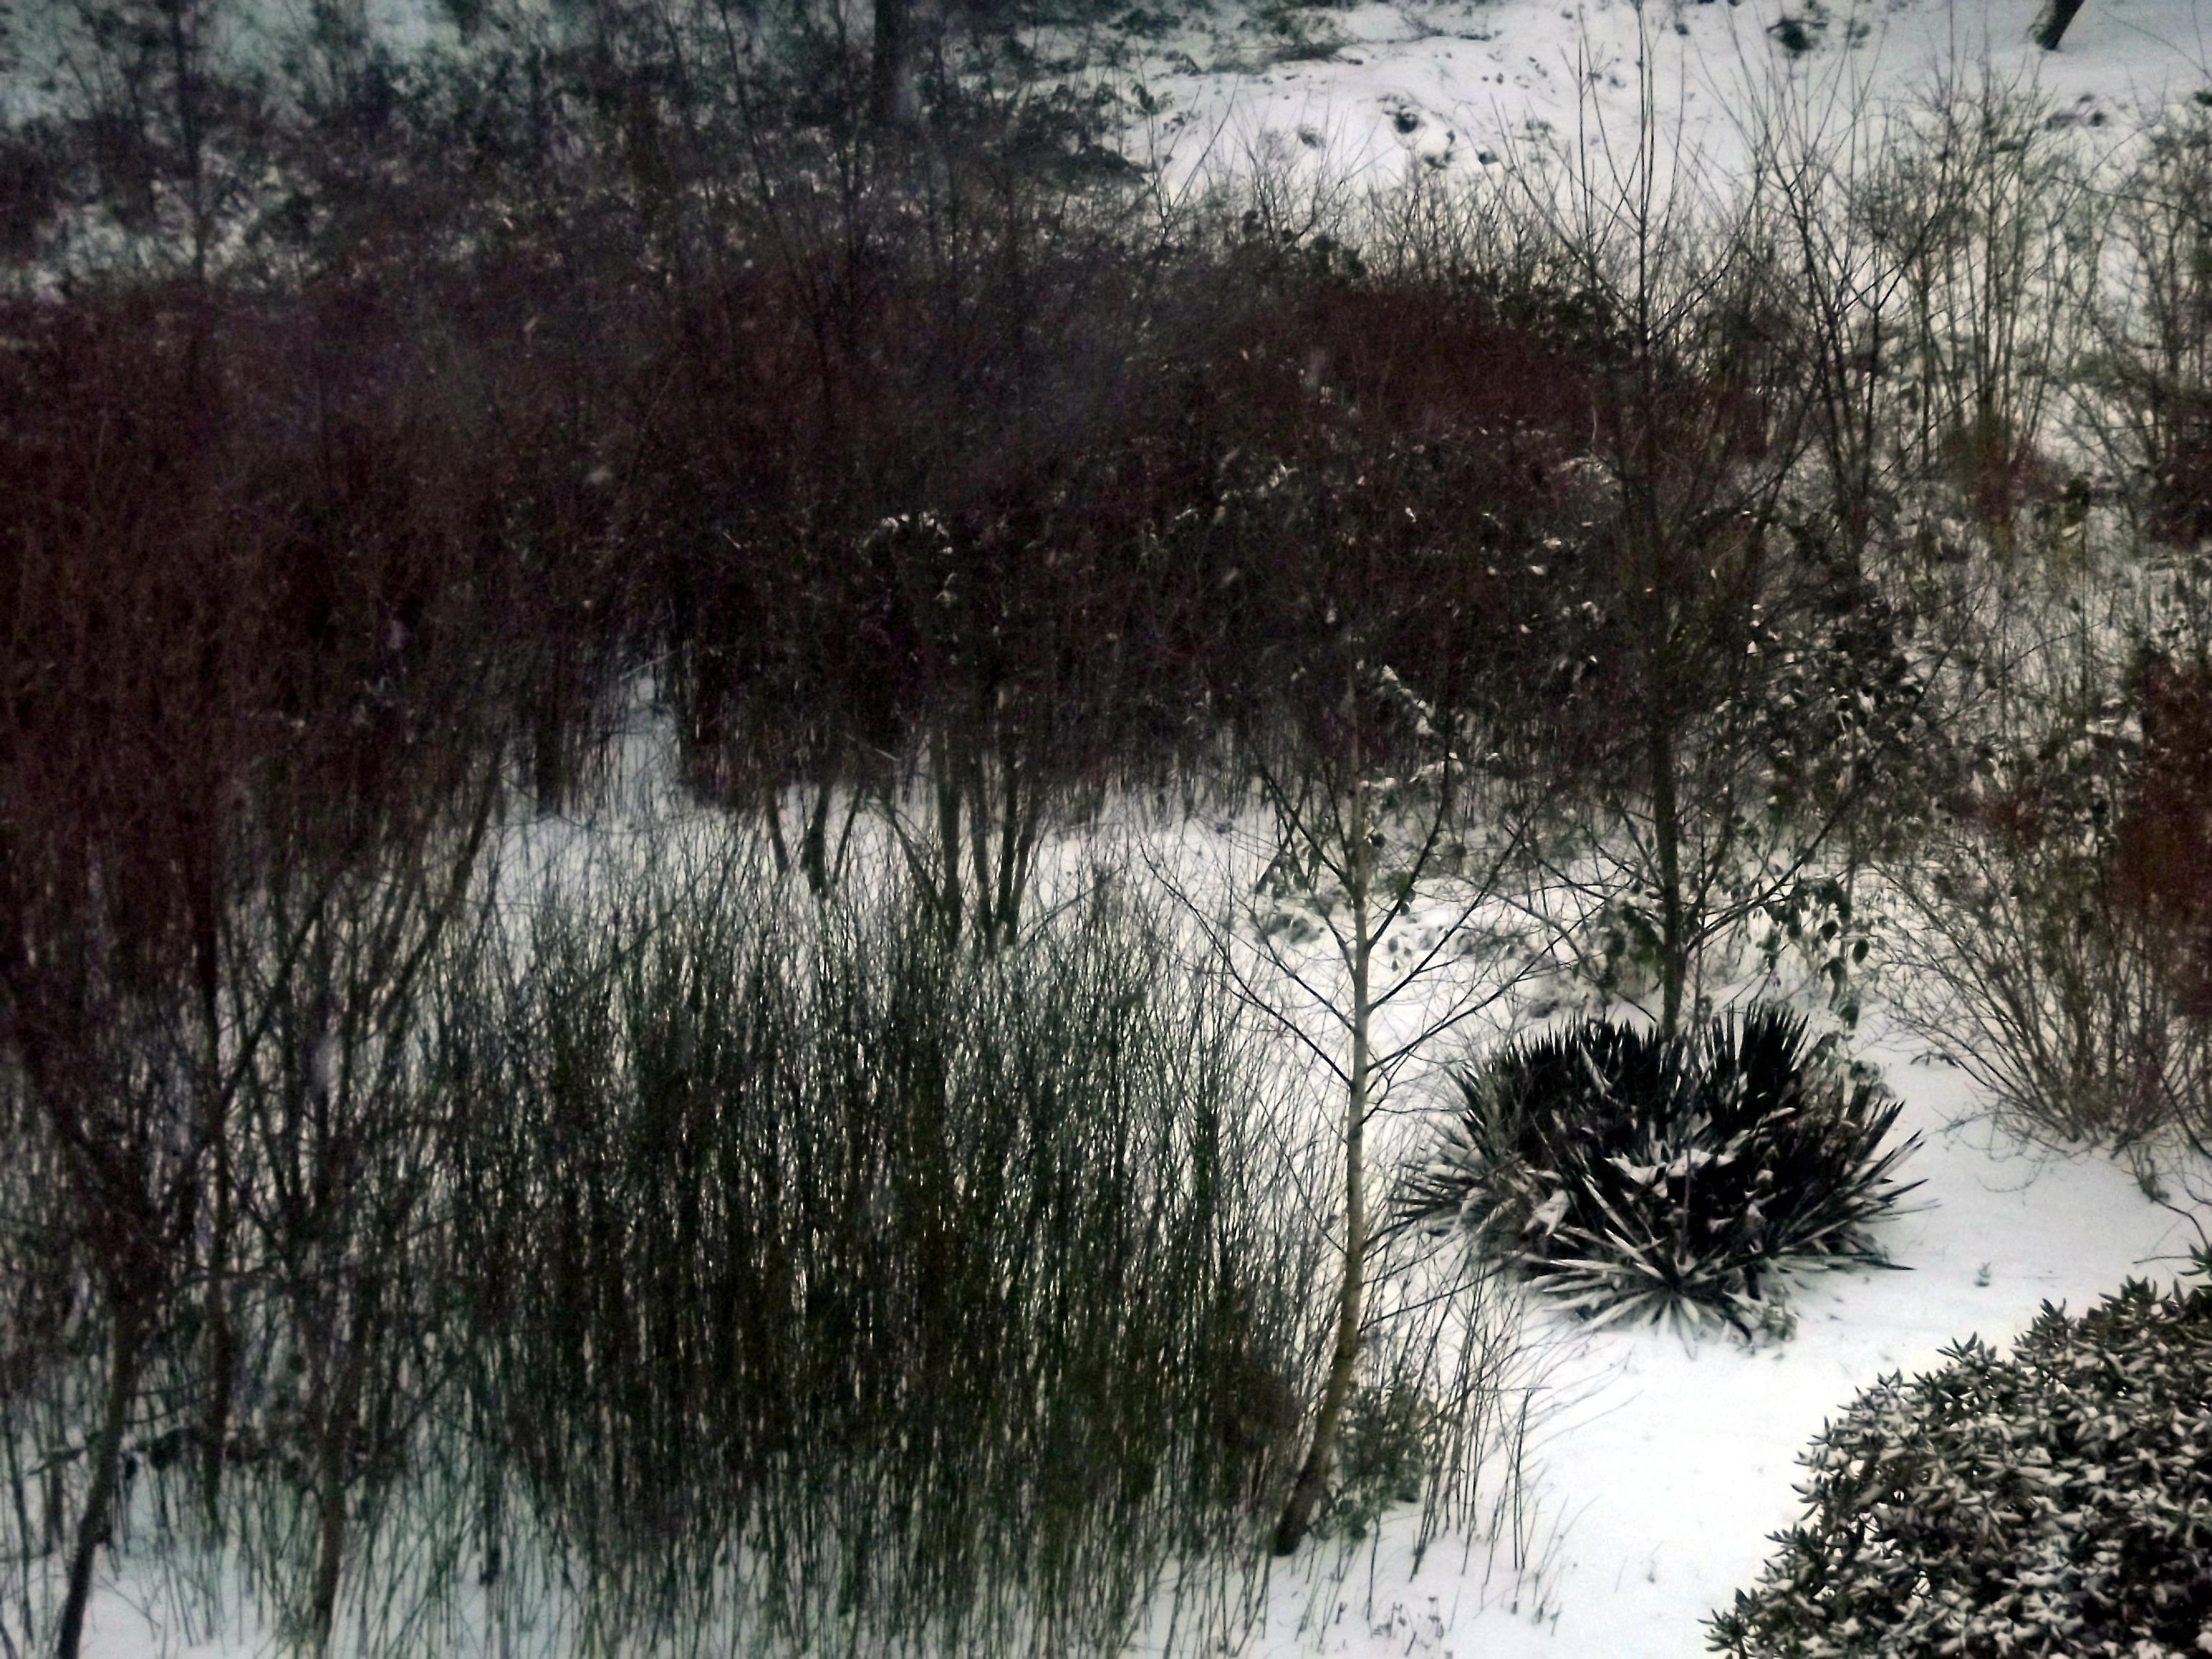 schneelandschaft-aus-der-luft-4610